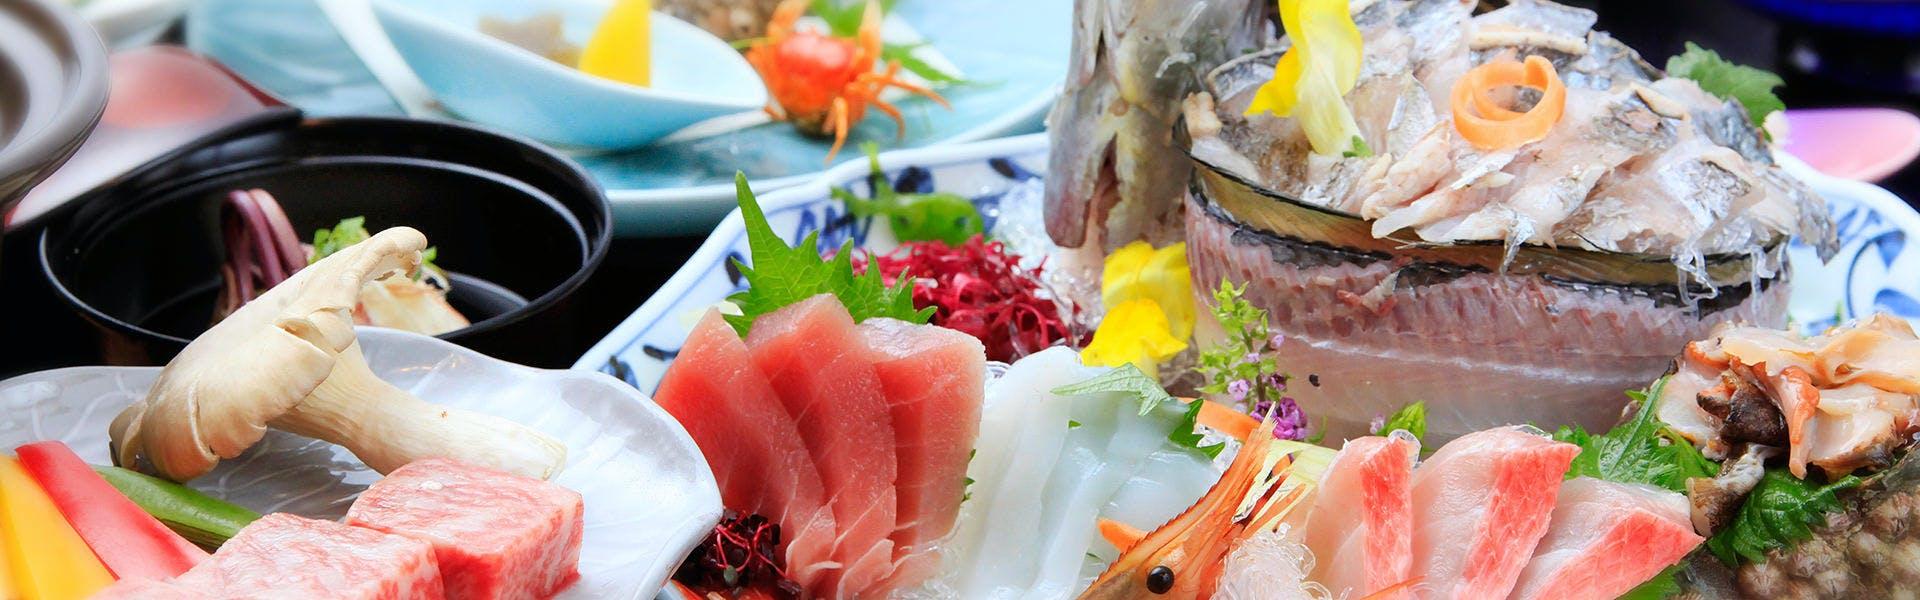 記念日におすすめのホテル・箱根湯本温泉 萬翠楼 福住の写真3